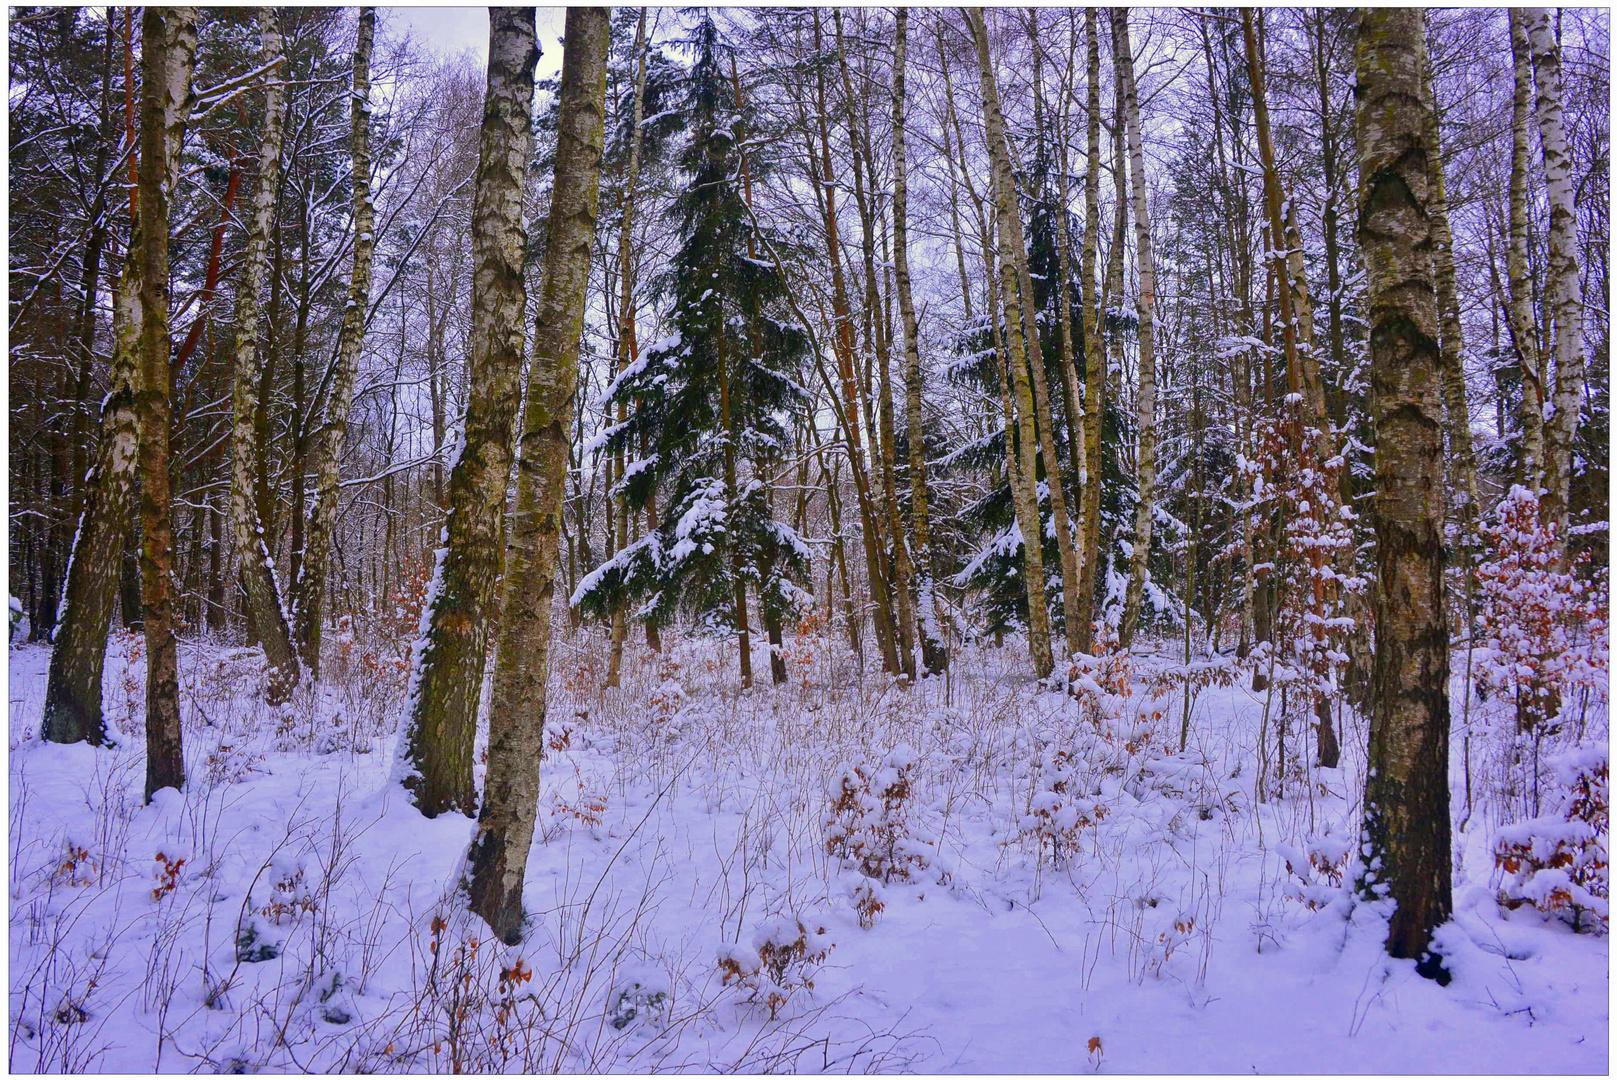 Birken im Schnee (abedules en la nieve)